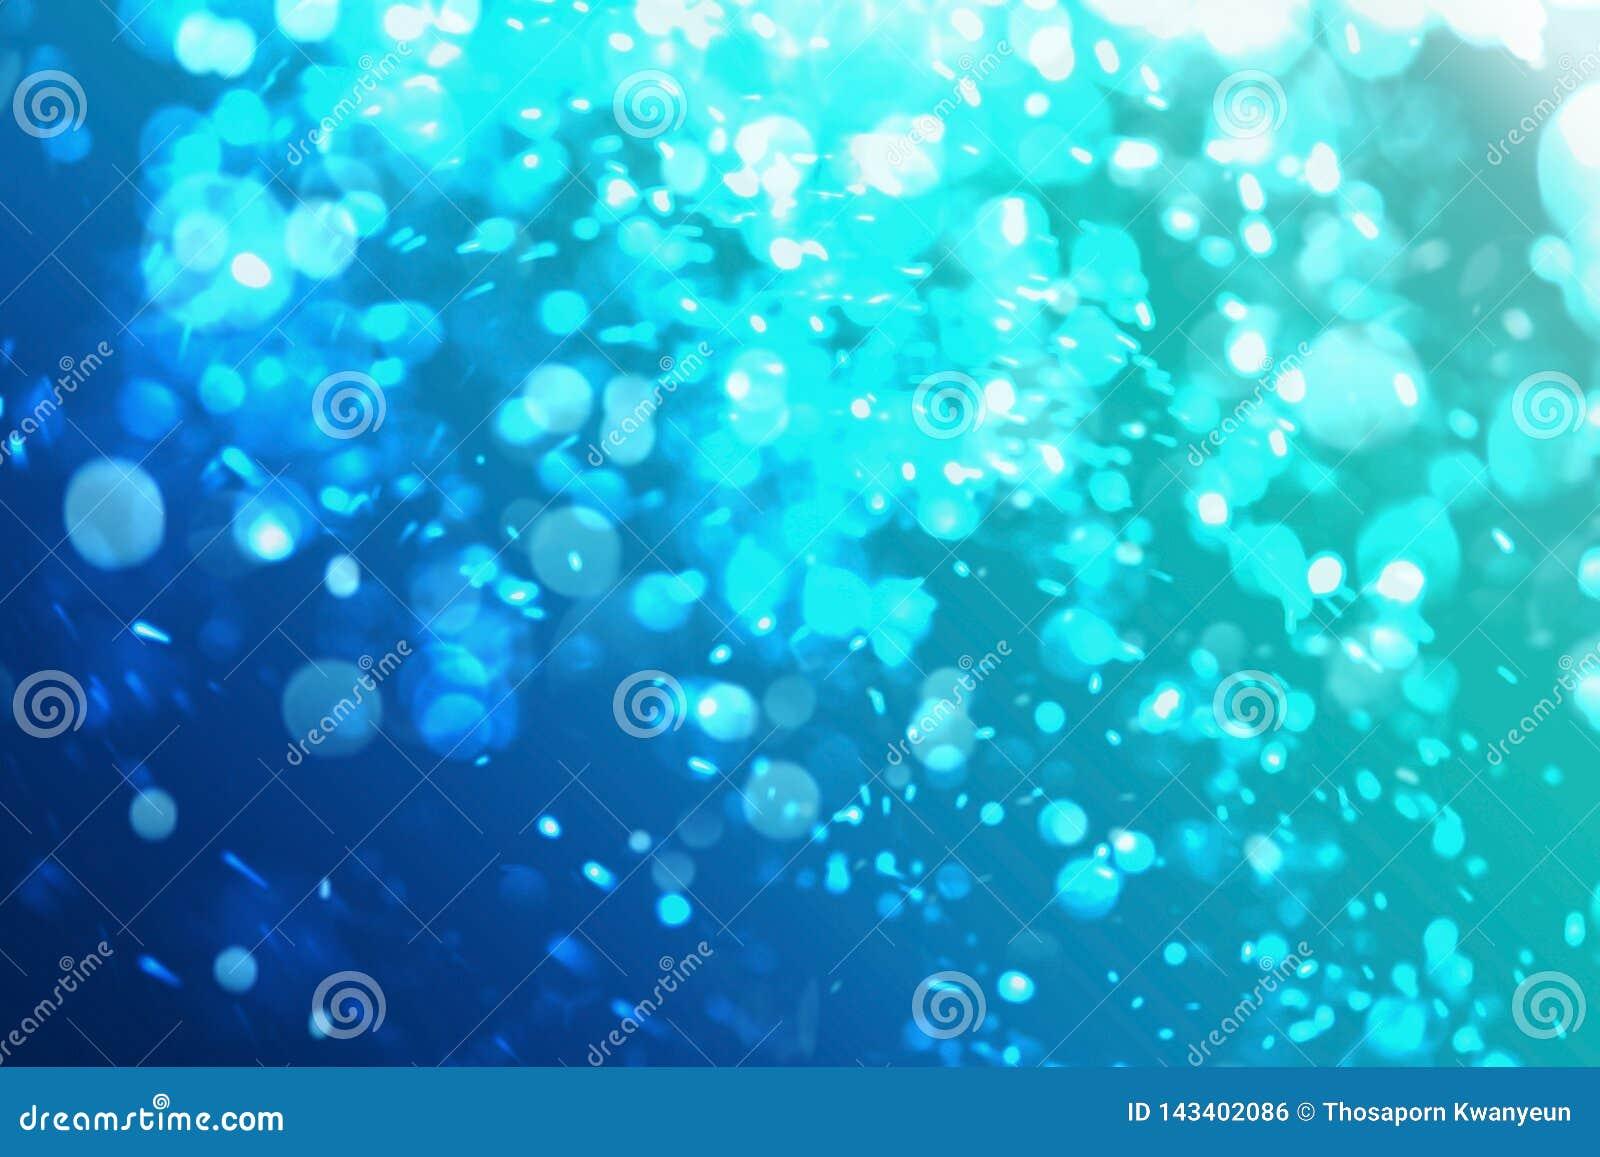 El Gráfico Del Océano Azul O La Piscina Con La Burbuja De